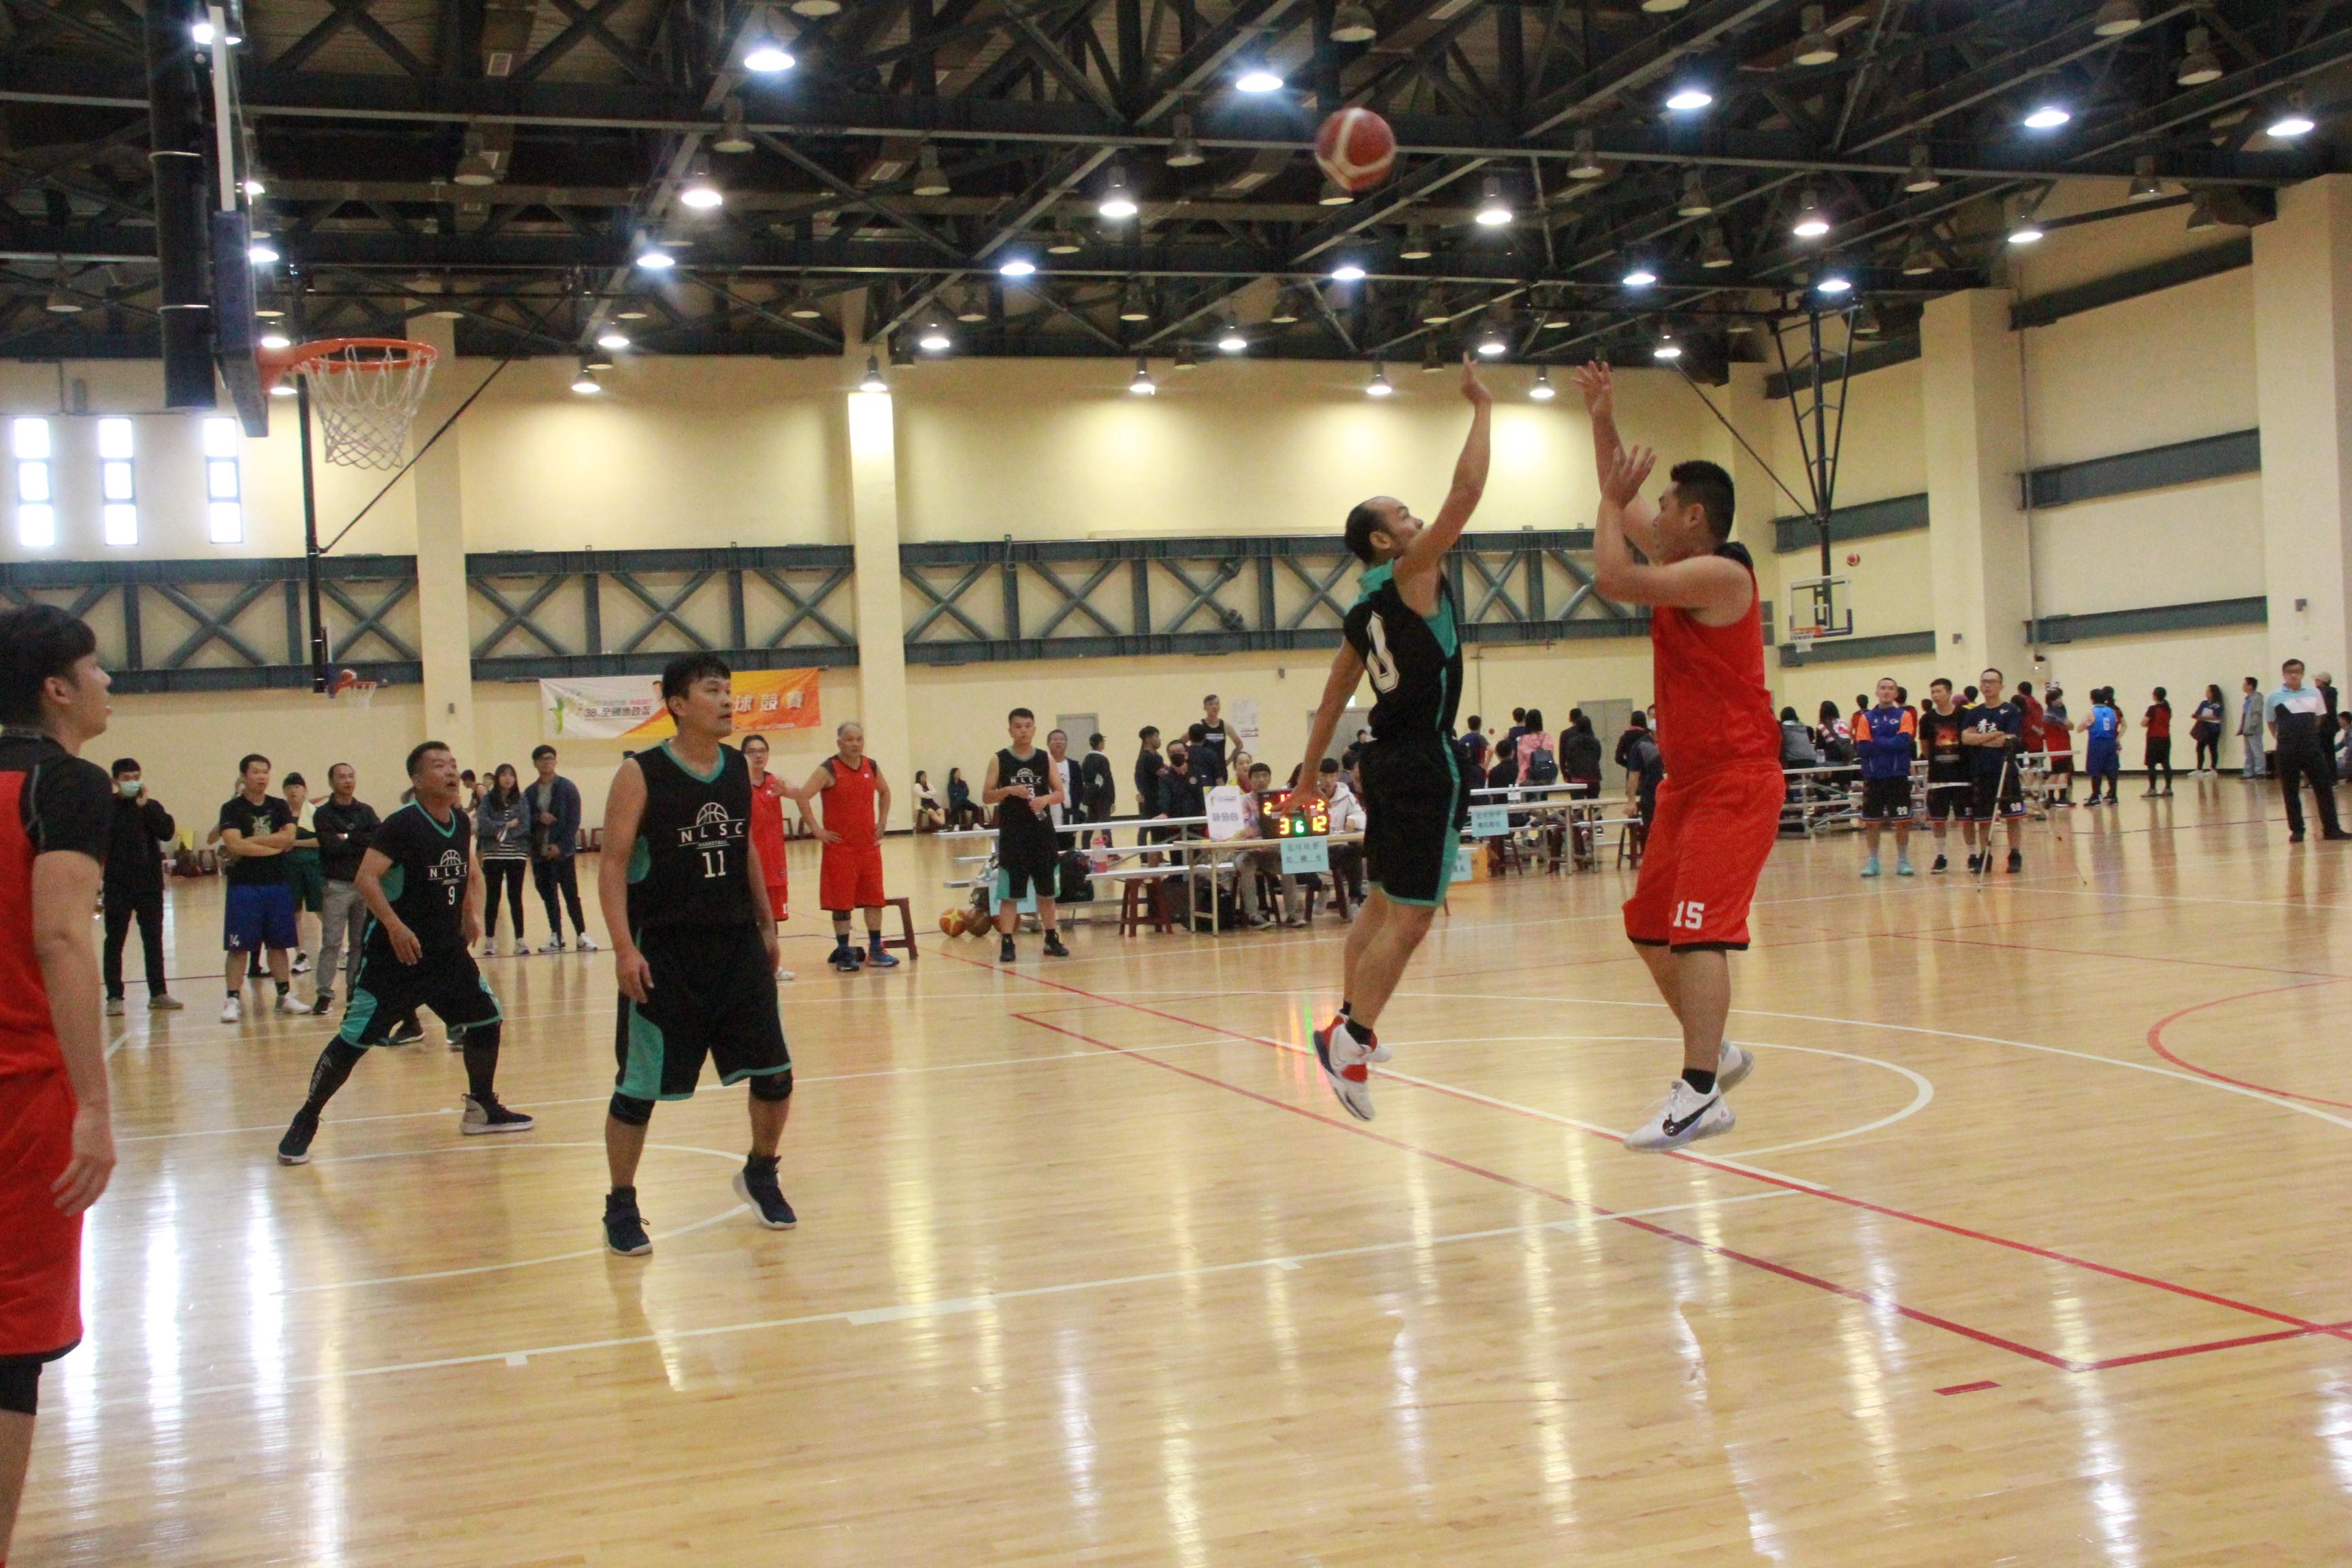 3對3籃球乙組冠軍賽(左王 健中莊峰輔右岳志霖)